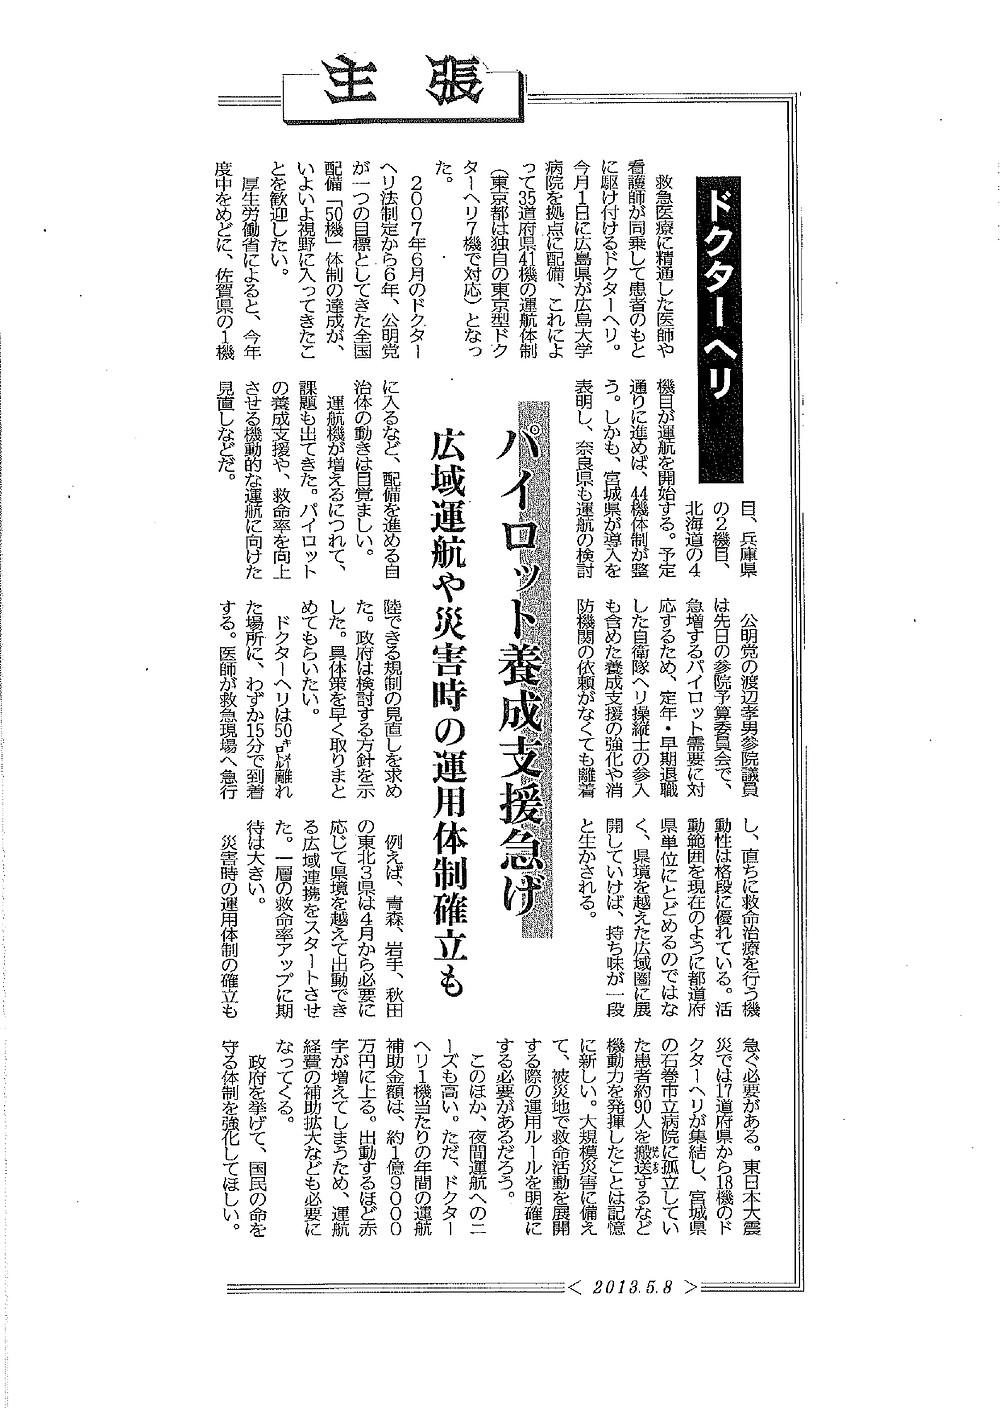 ドクターヘリの新聞記事